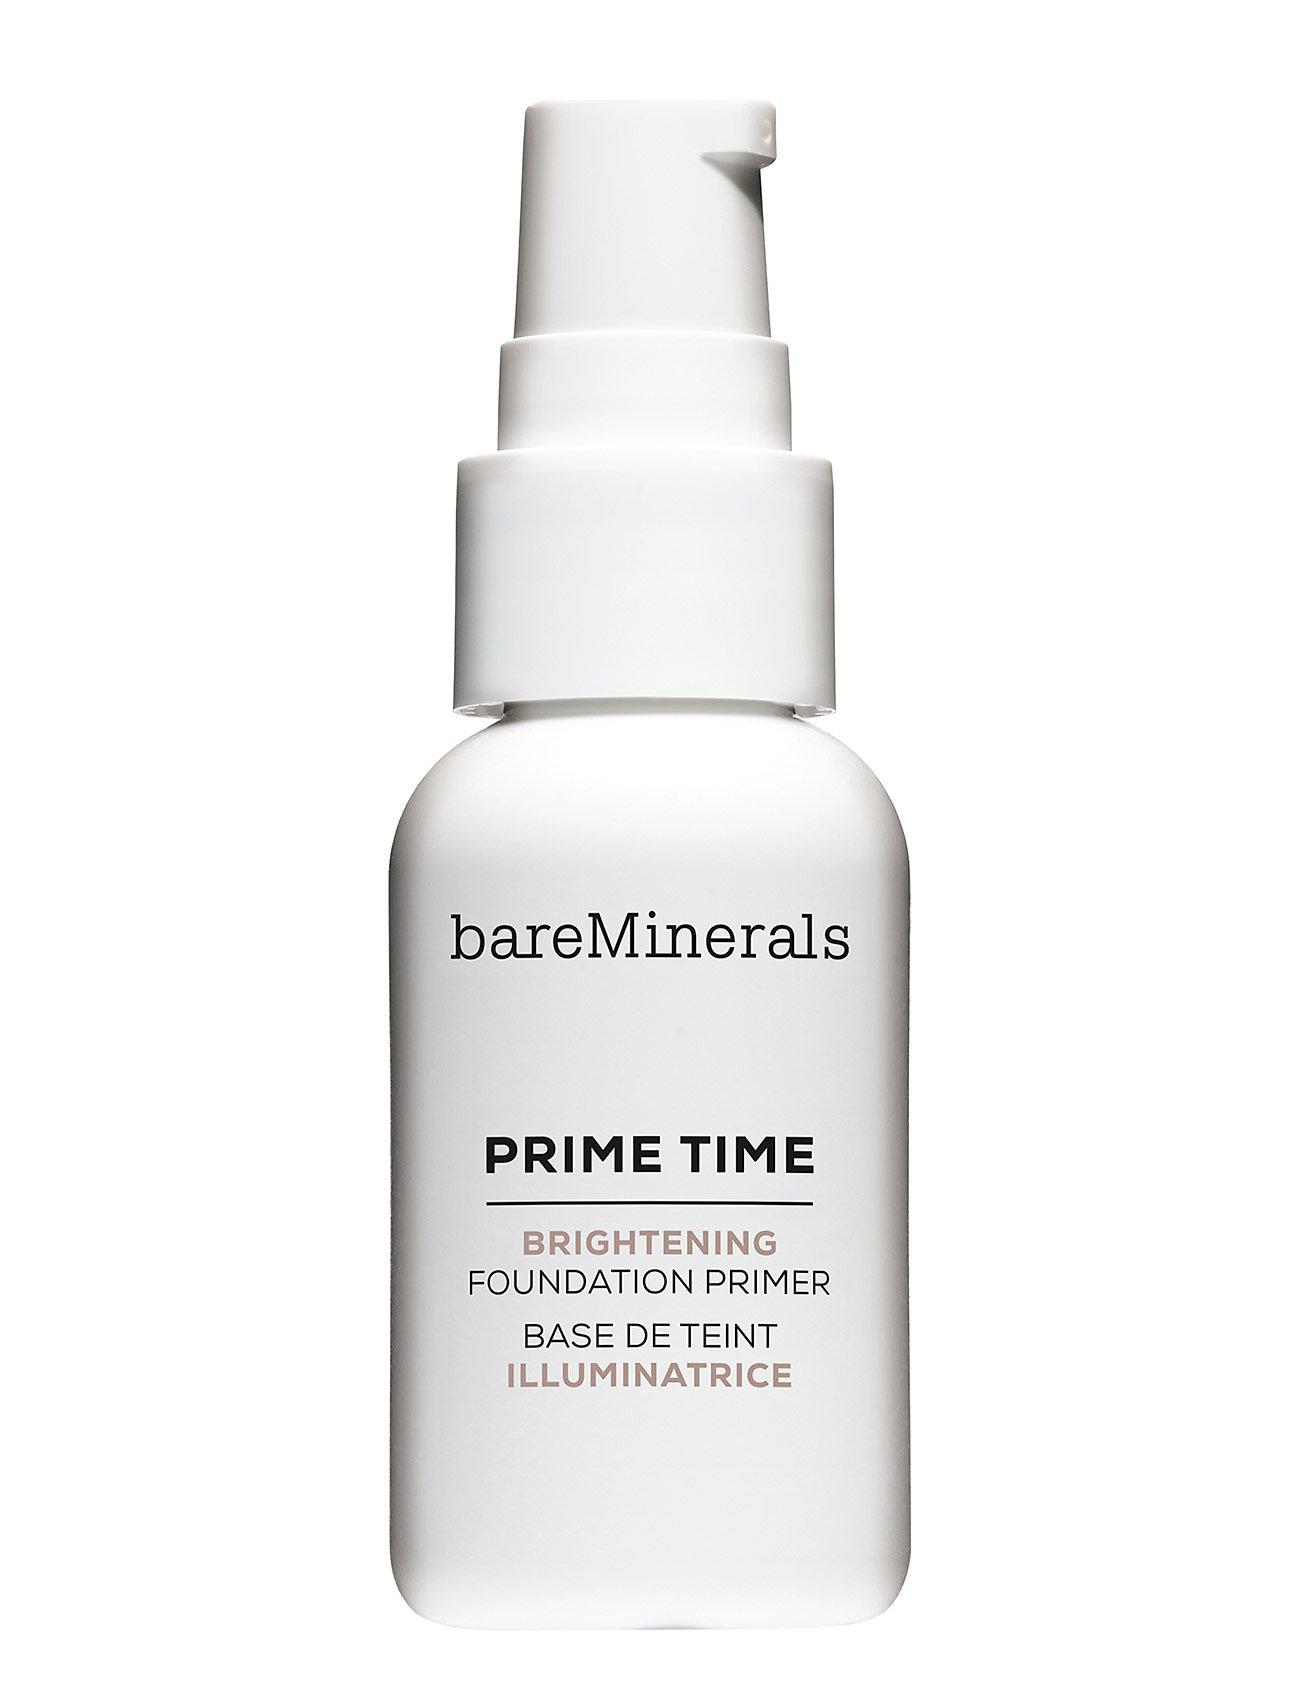 Image of Prime Time Brightening Foundation Primer Makeupprimer Makeup BareMinerals (3406150265)